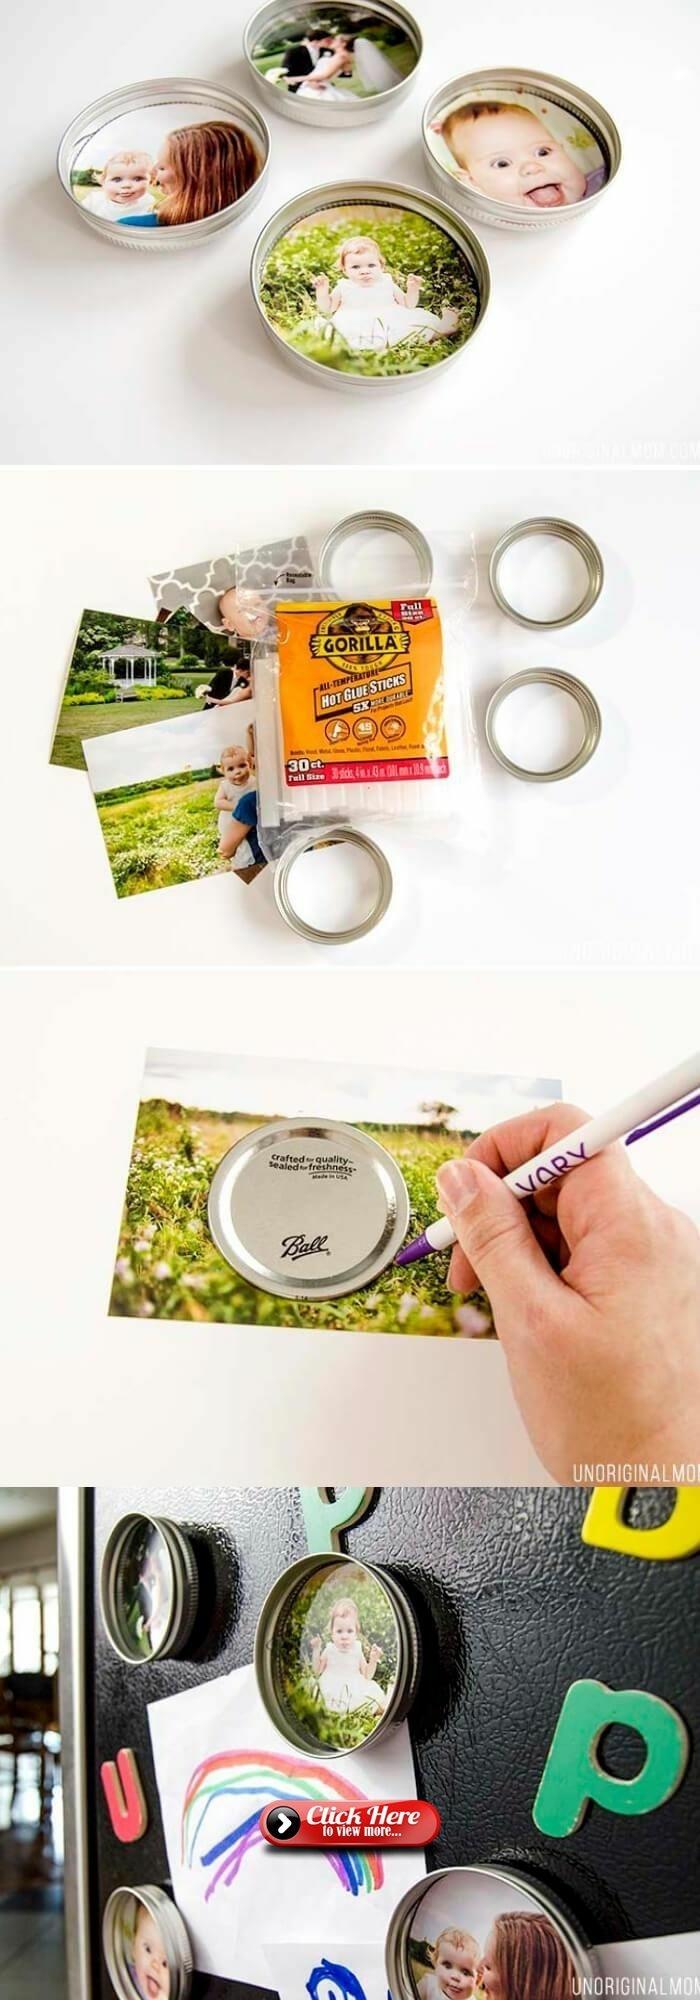 Selbermachen von Magneten mit Familienfotos für den Kühlschrank, Baby und Mutter, Originelle Geschenke für Senioren